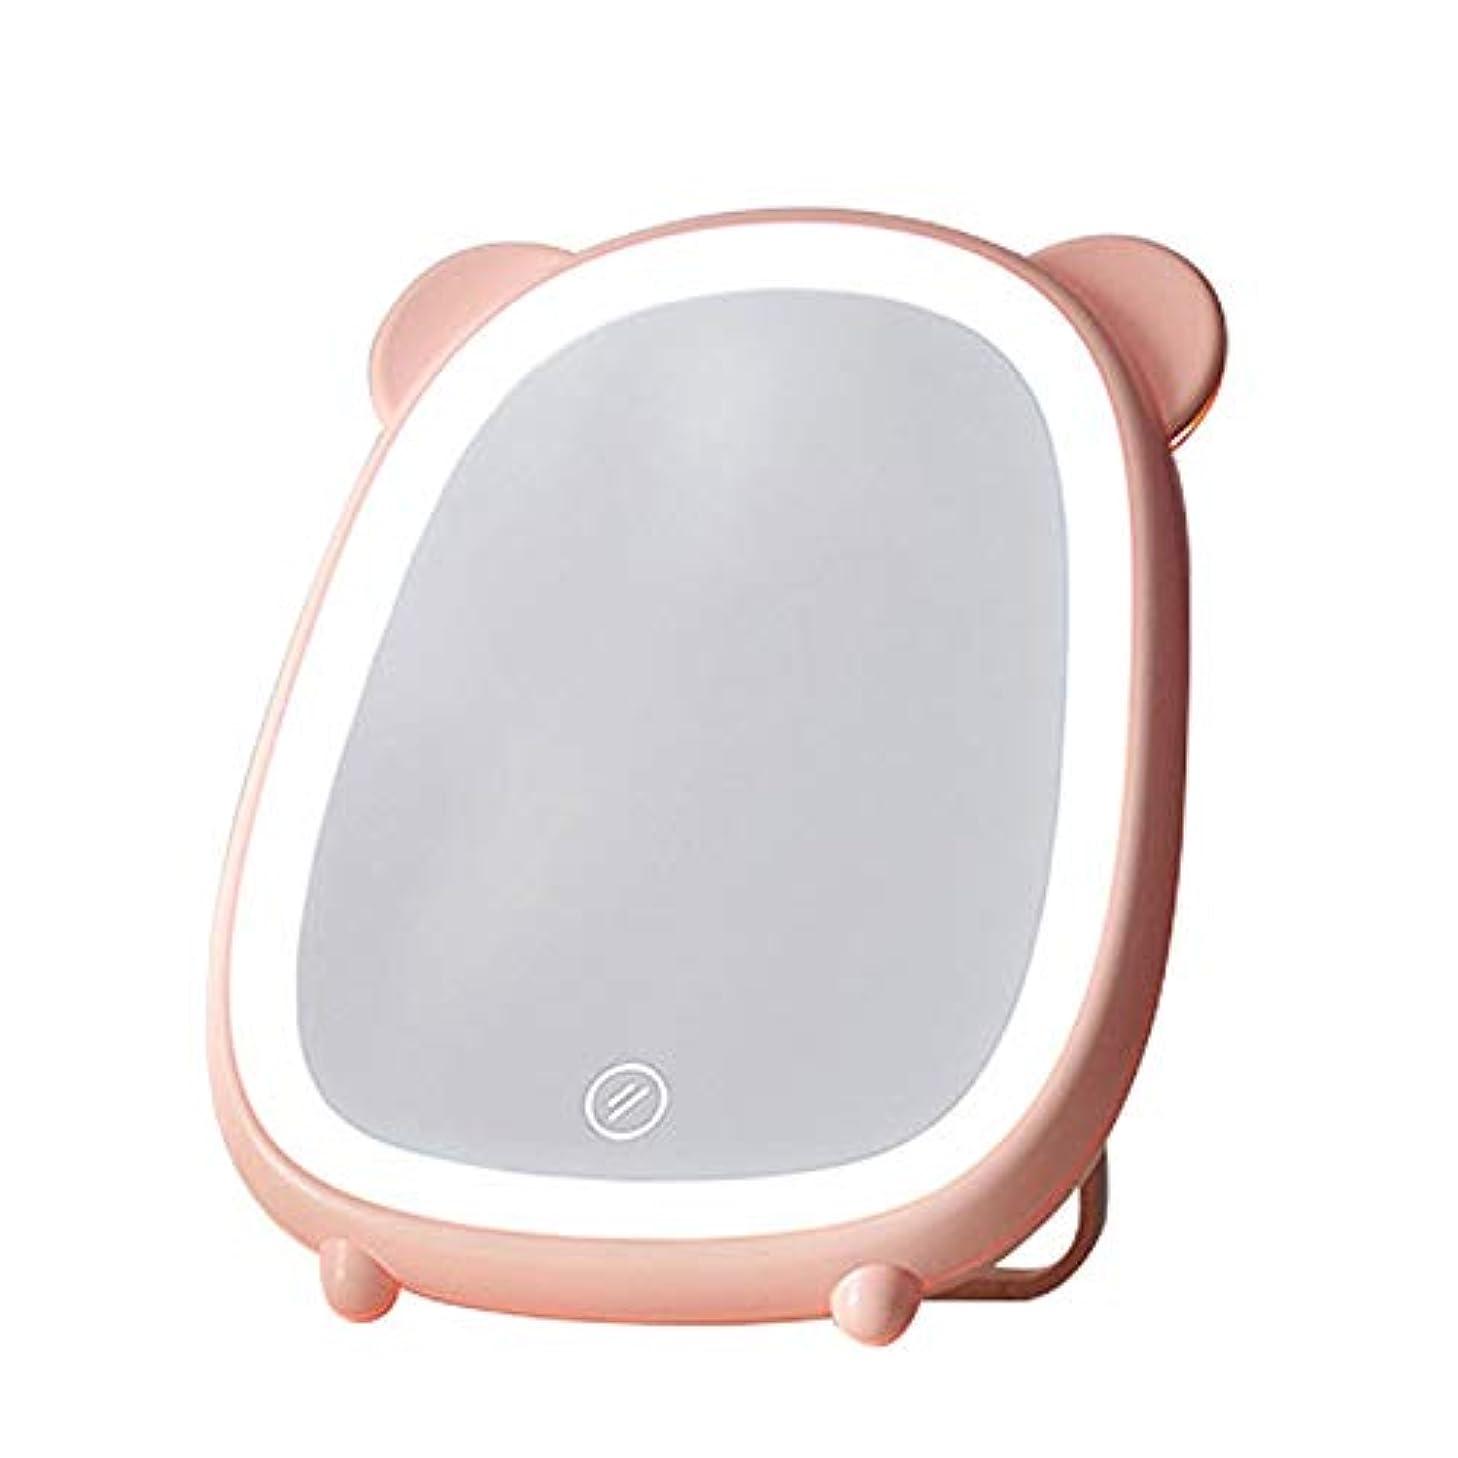 ちなみに監督する行動TYNEGH 照光式ミラーLEDライトタッチスクリーンは、女の子と男性の化粧品については、表を回転自由に180度回転させることができ、